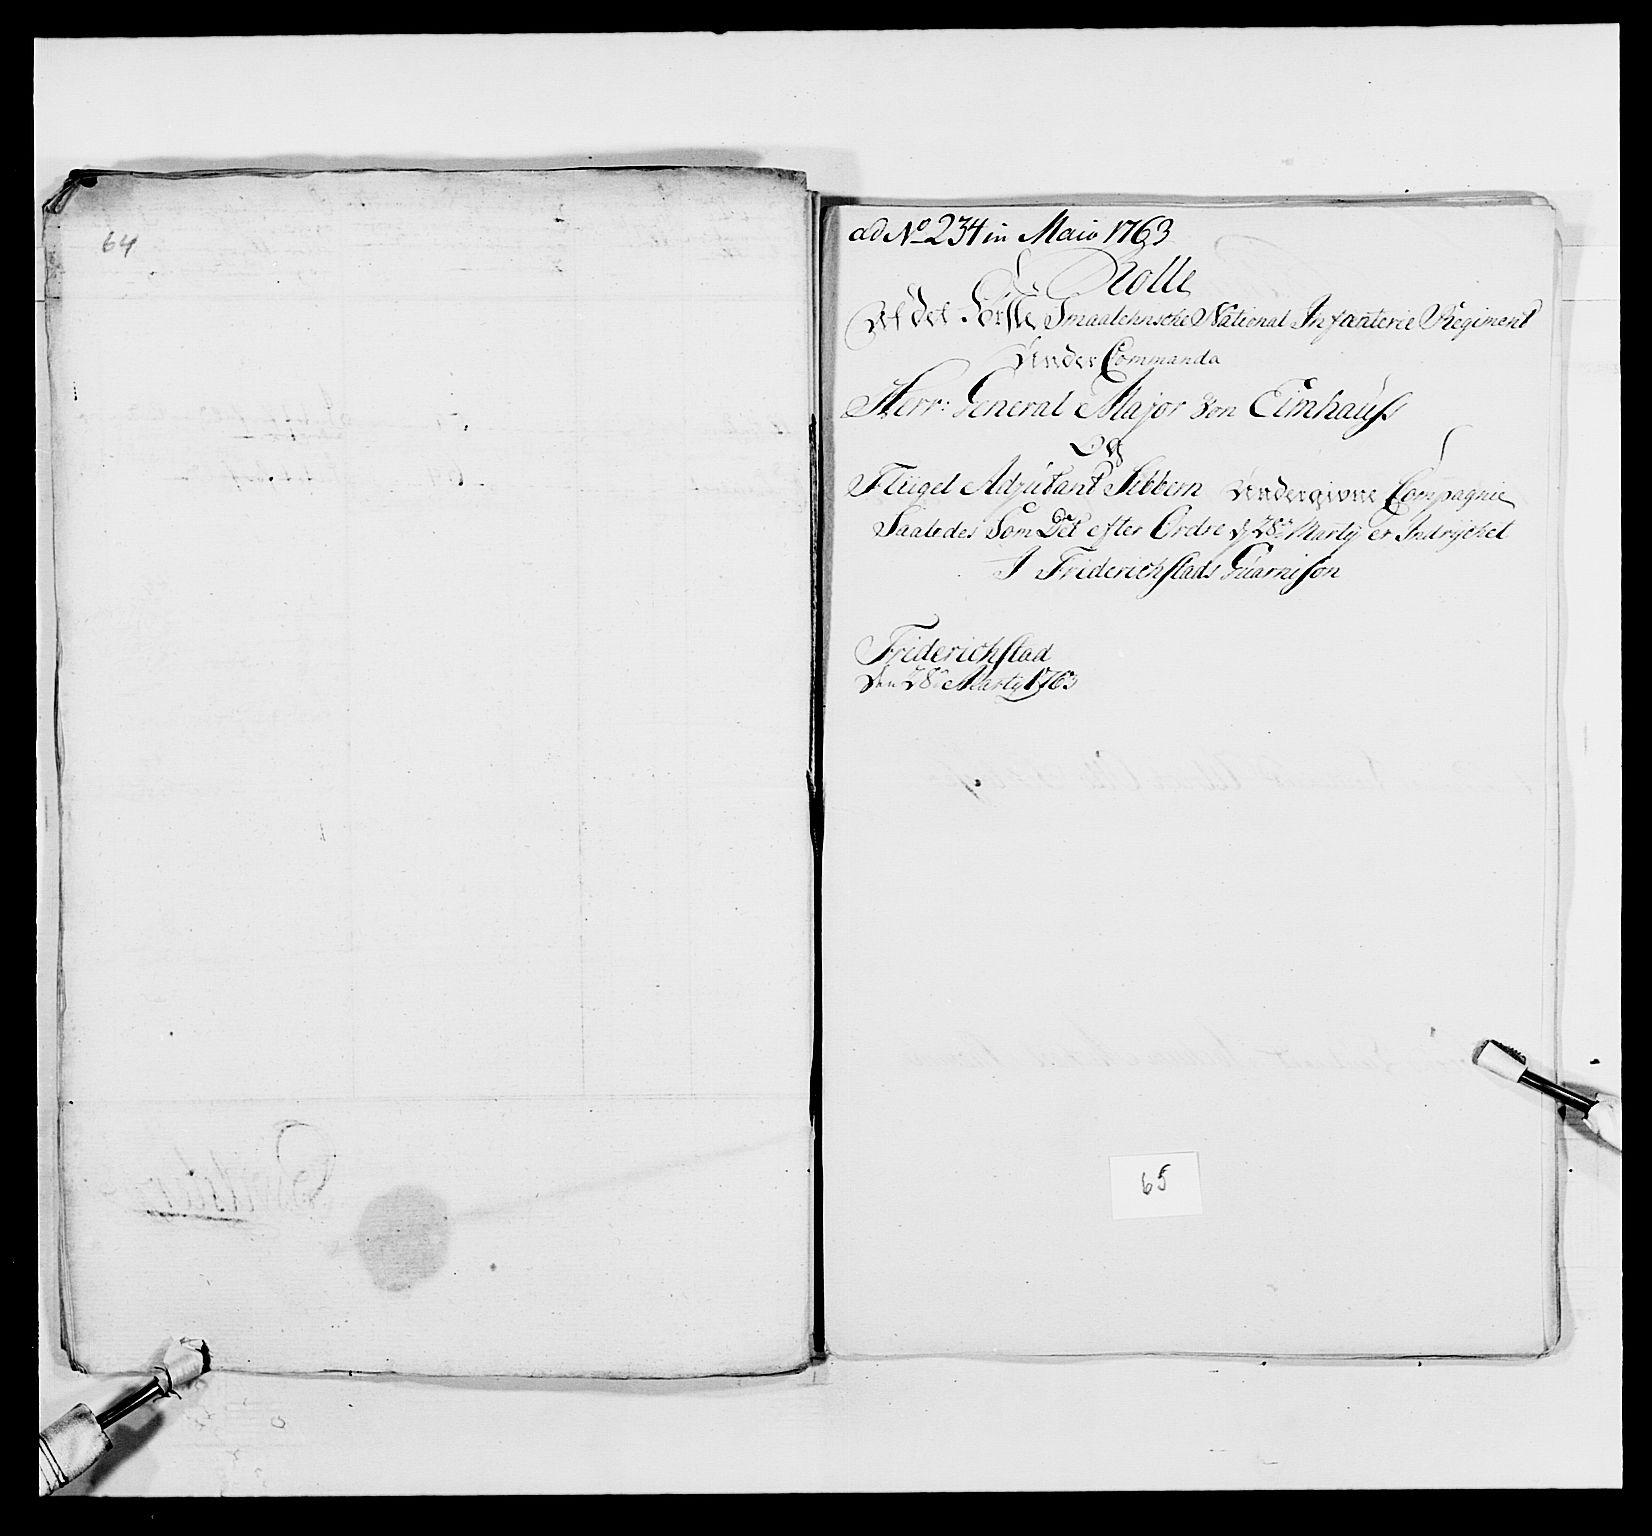 RA, Kommanderende general (KG I) med Det norske krigsdirektorium, E/Ea/L0495: 1. Smålenske regiment, 1732-1763, s. 812